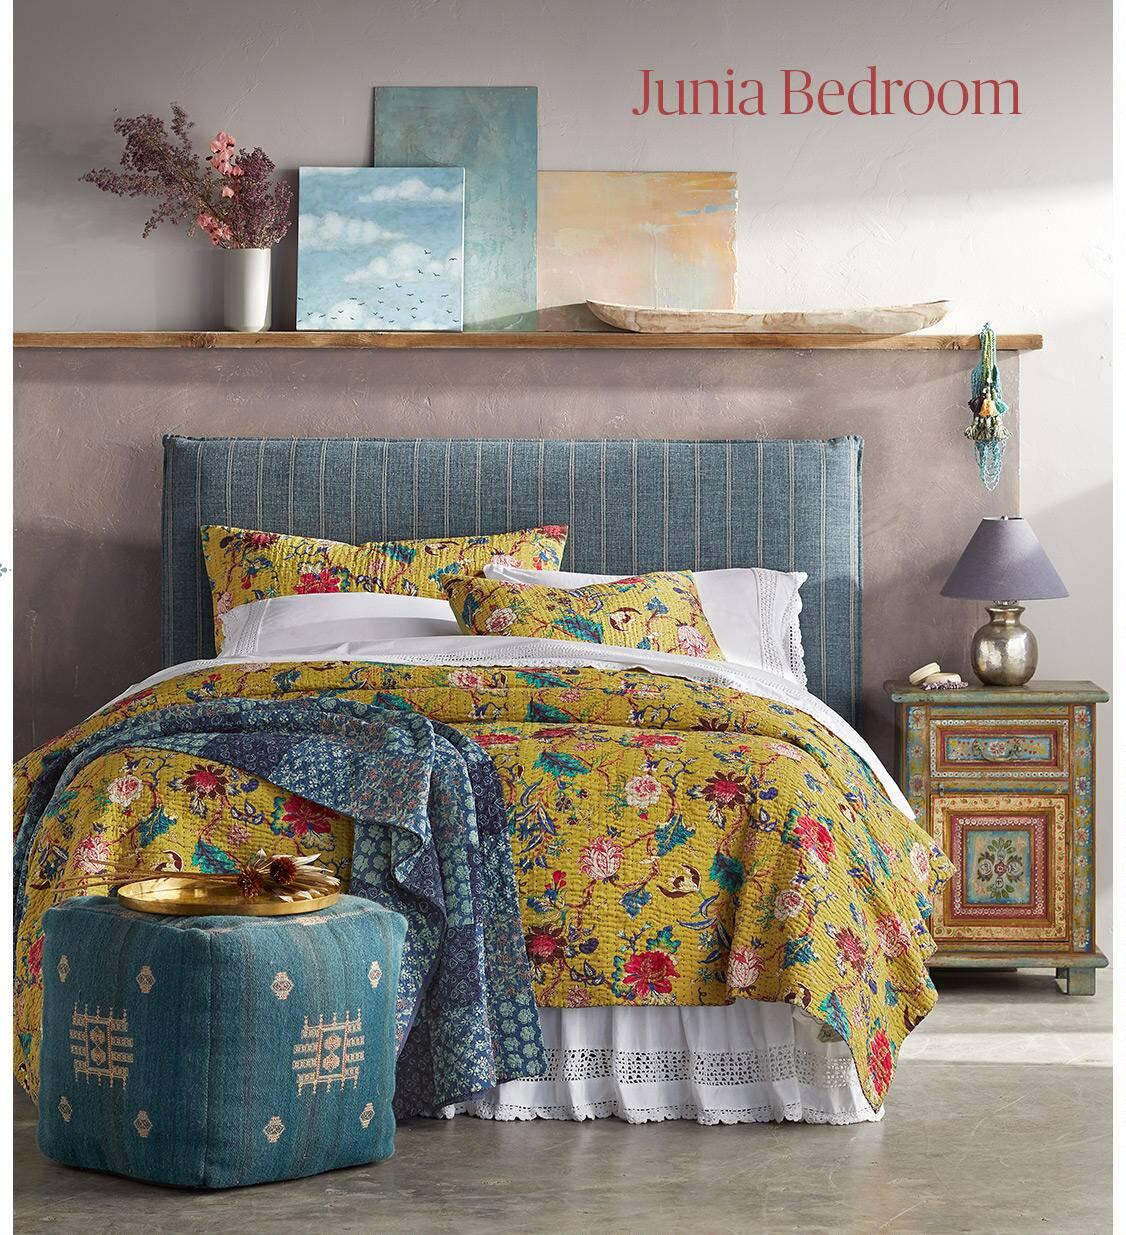 Junia Bedroom